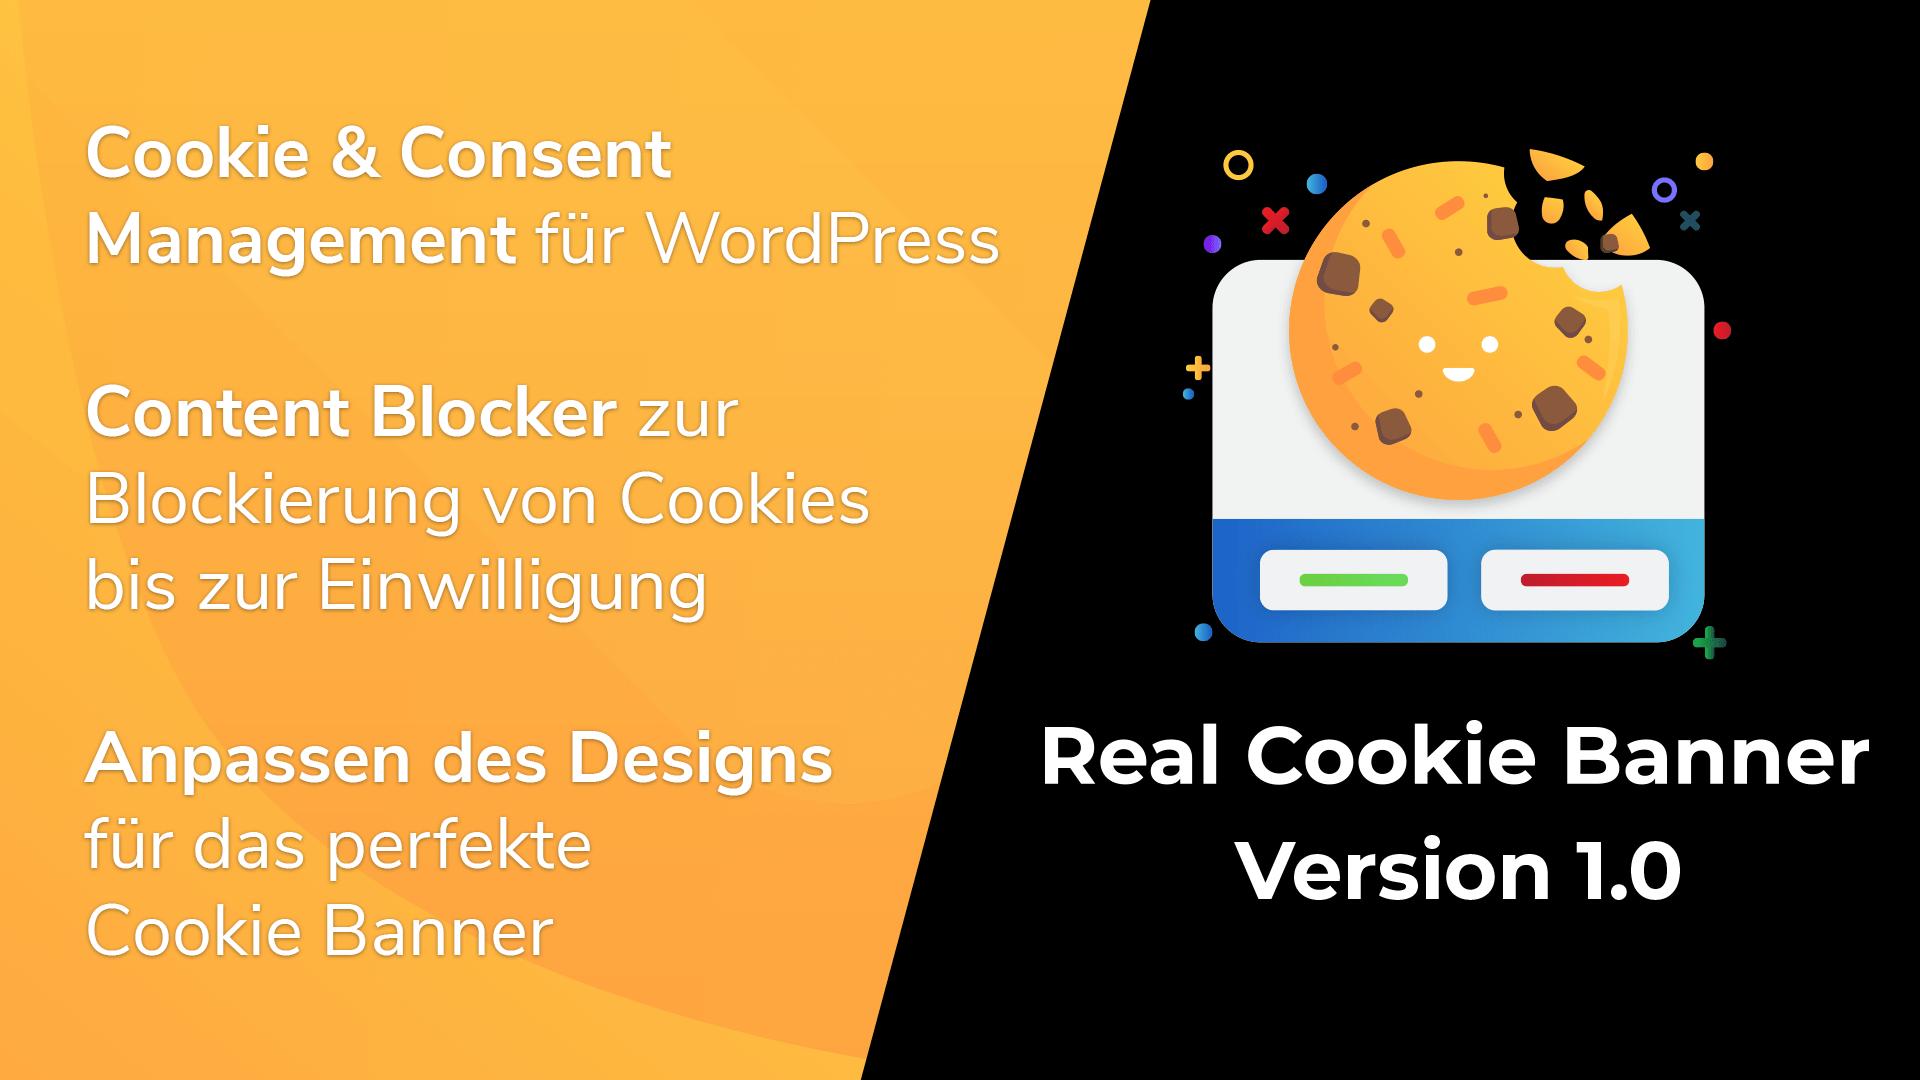 Real Cookie Banner 1.0 veröffentlicht